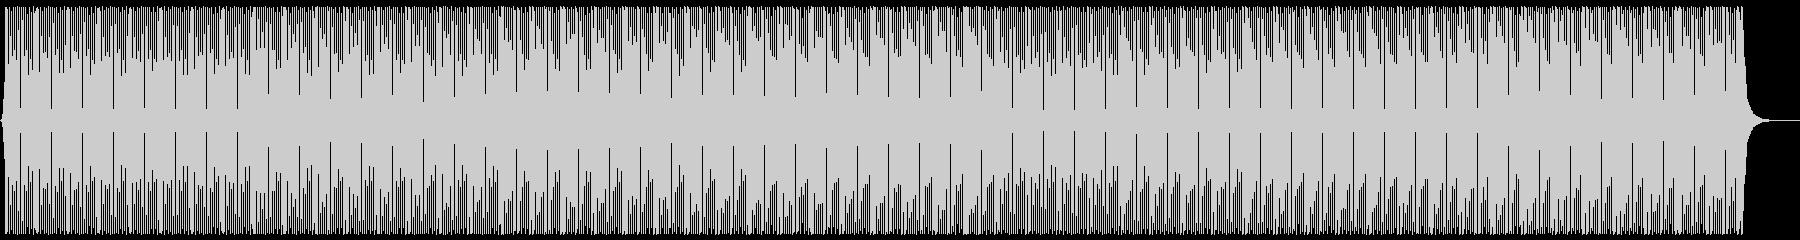 シンプルなダンスビート 広告・CM等にの未再生の波形